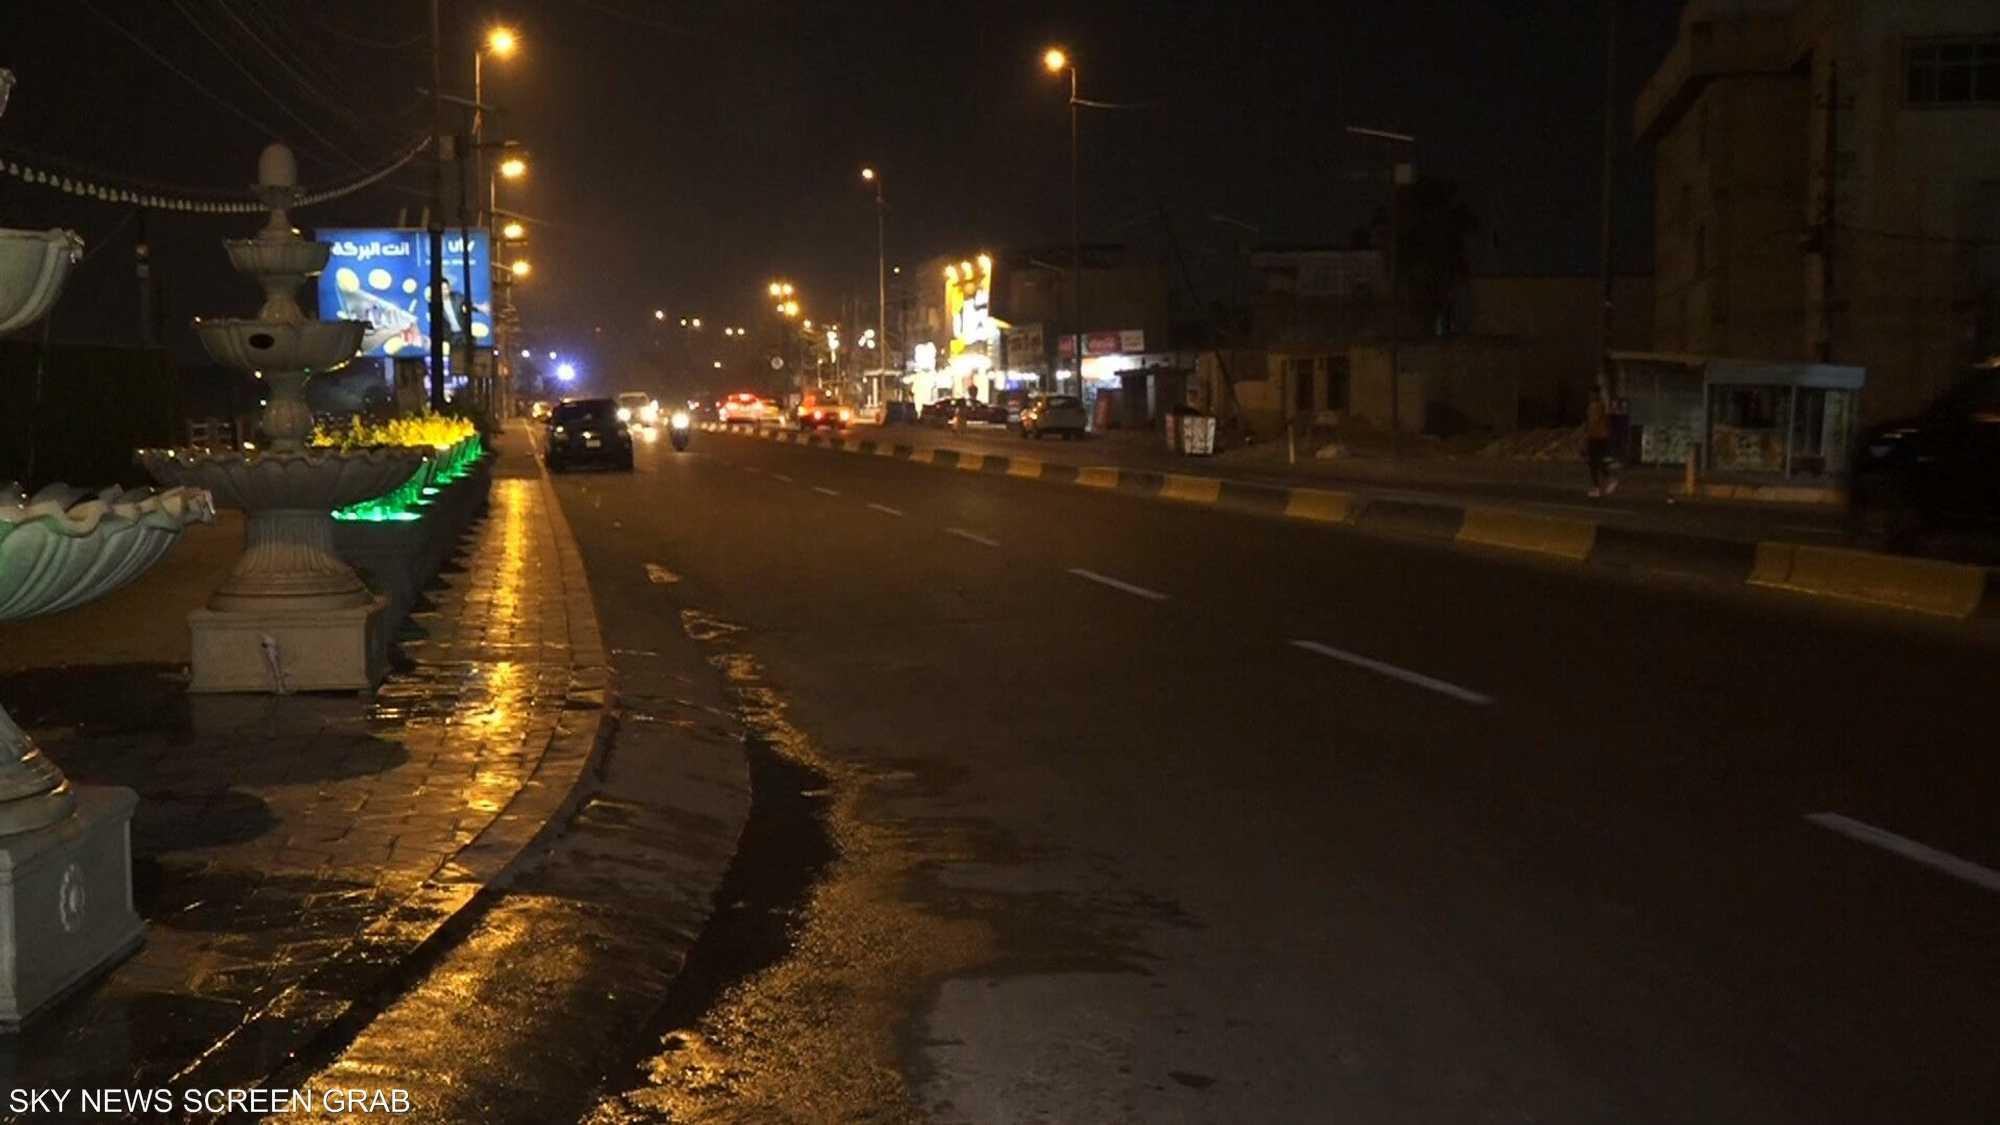 كيف كان المشهد في مقاهي بغداد خلال رمضان في ظل قيود كورونا؟